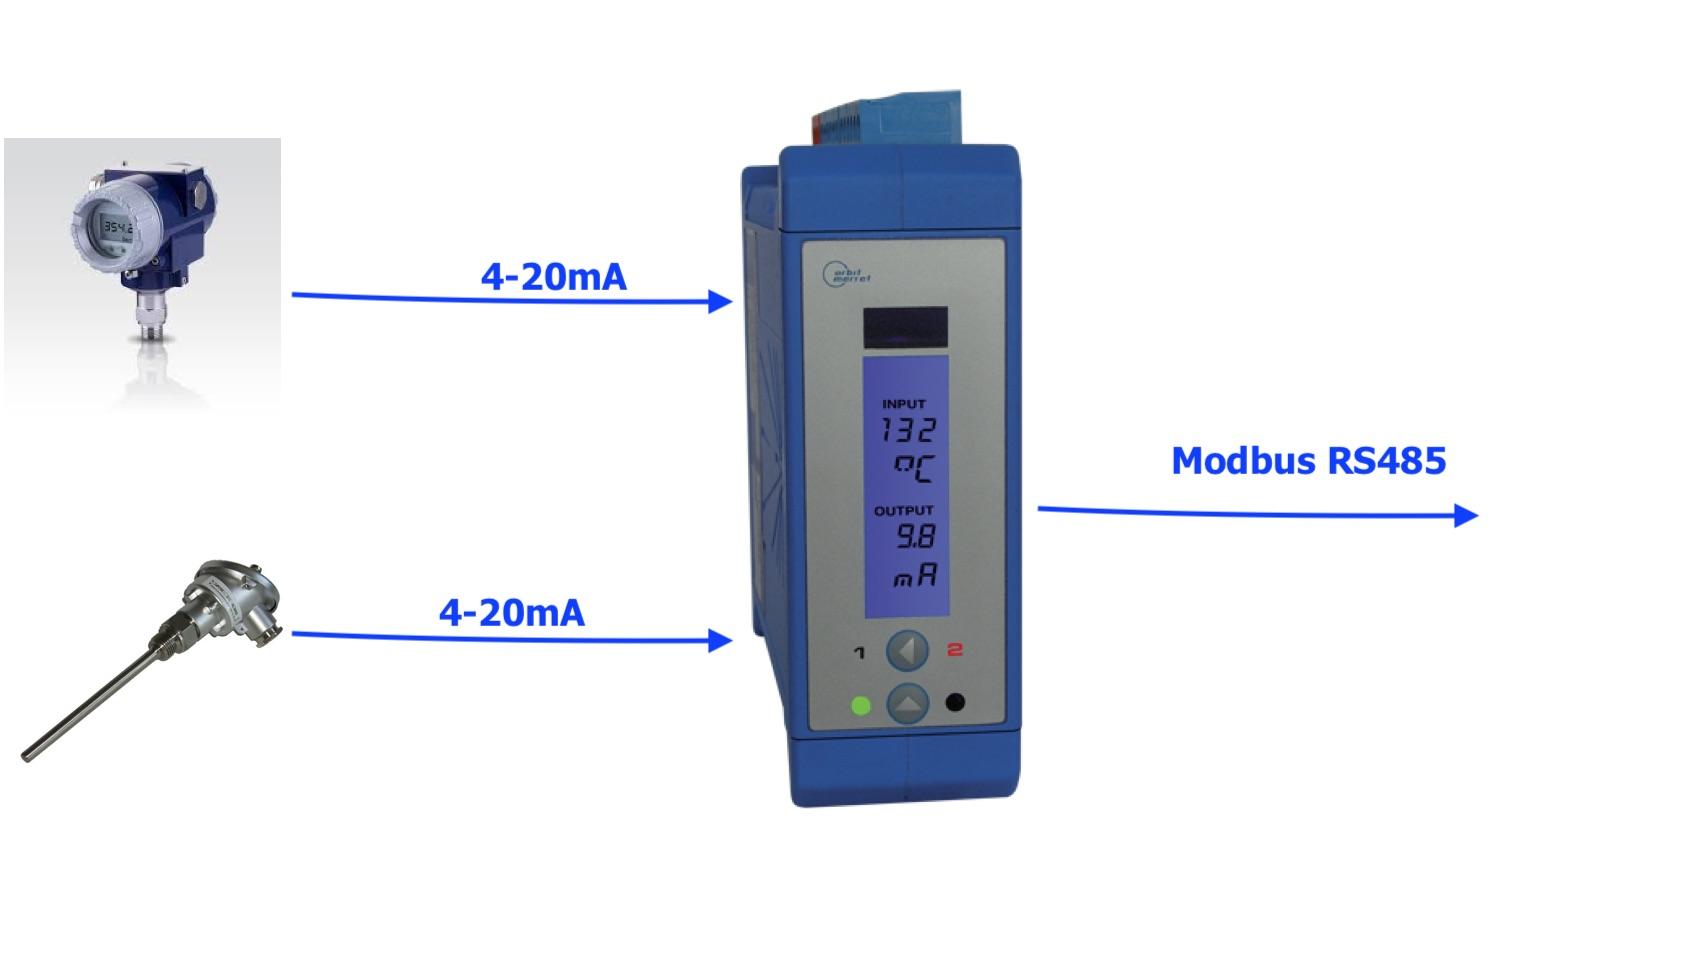 Bộ Chuyển Đổi 4-20mA sang Modbus RS485